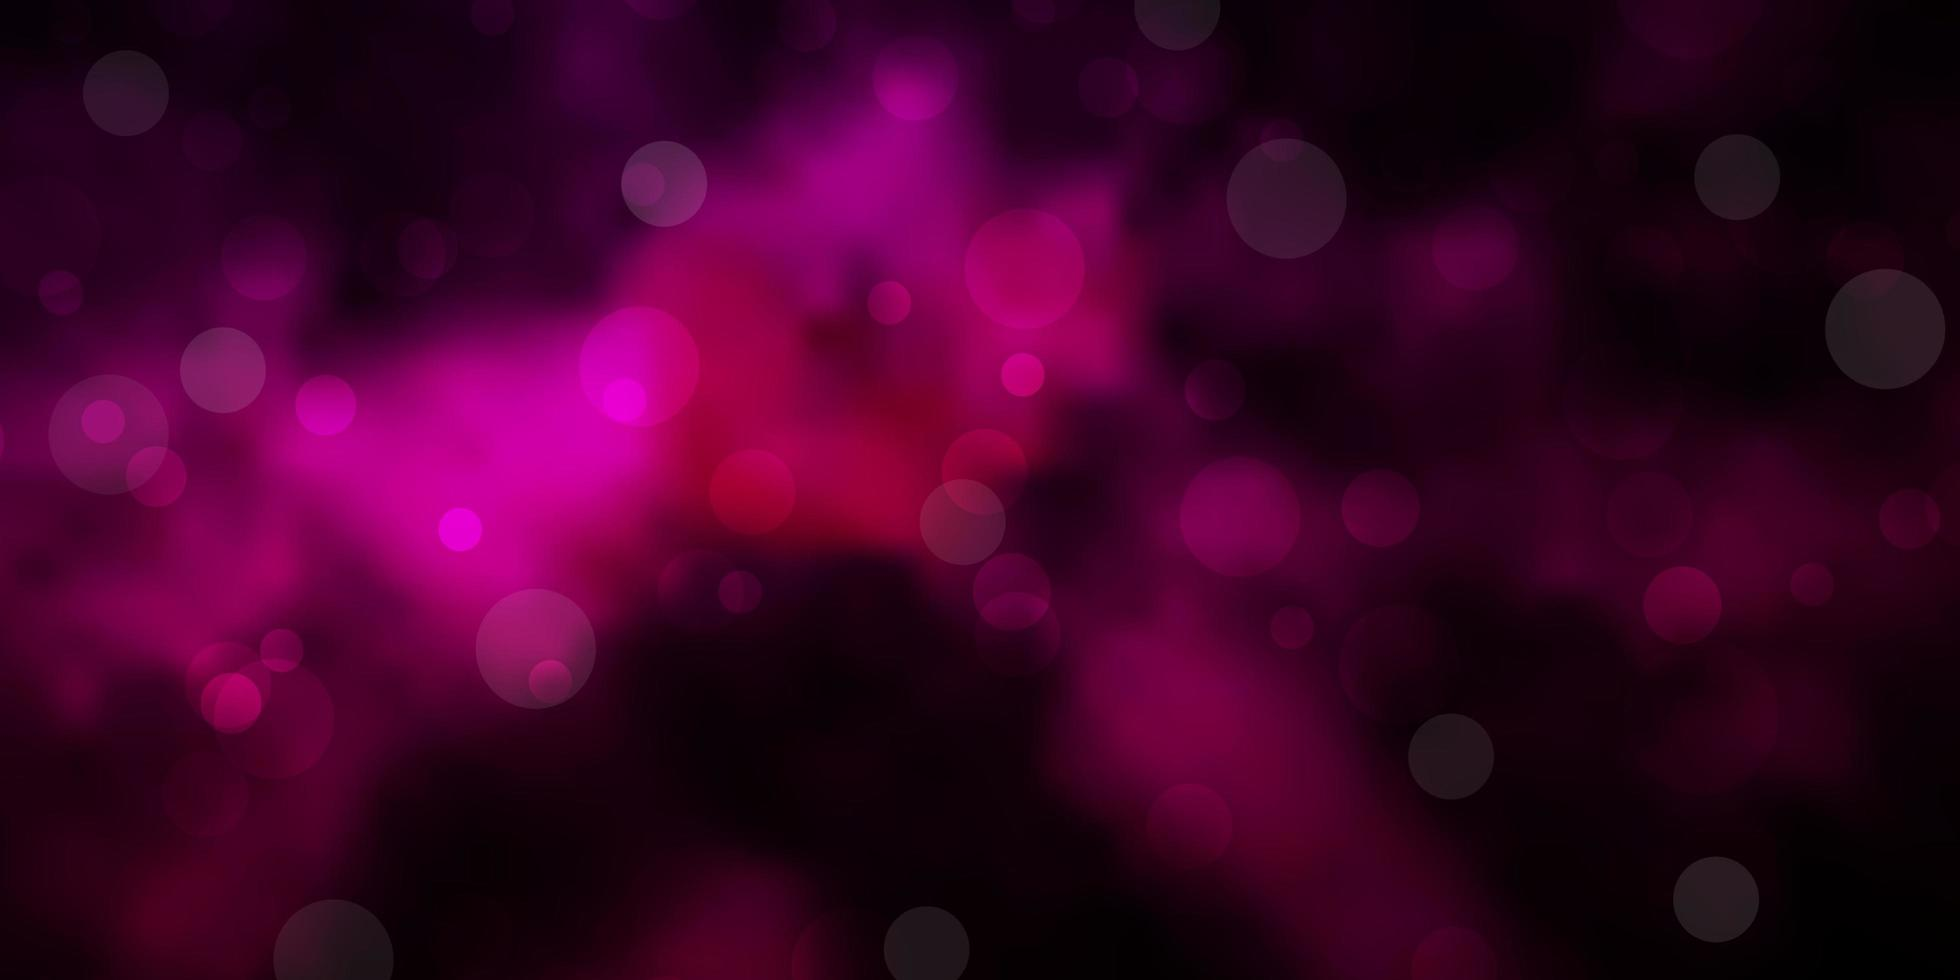 mörkrosa vektormönster med sfärer. vektor